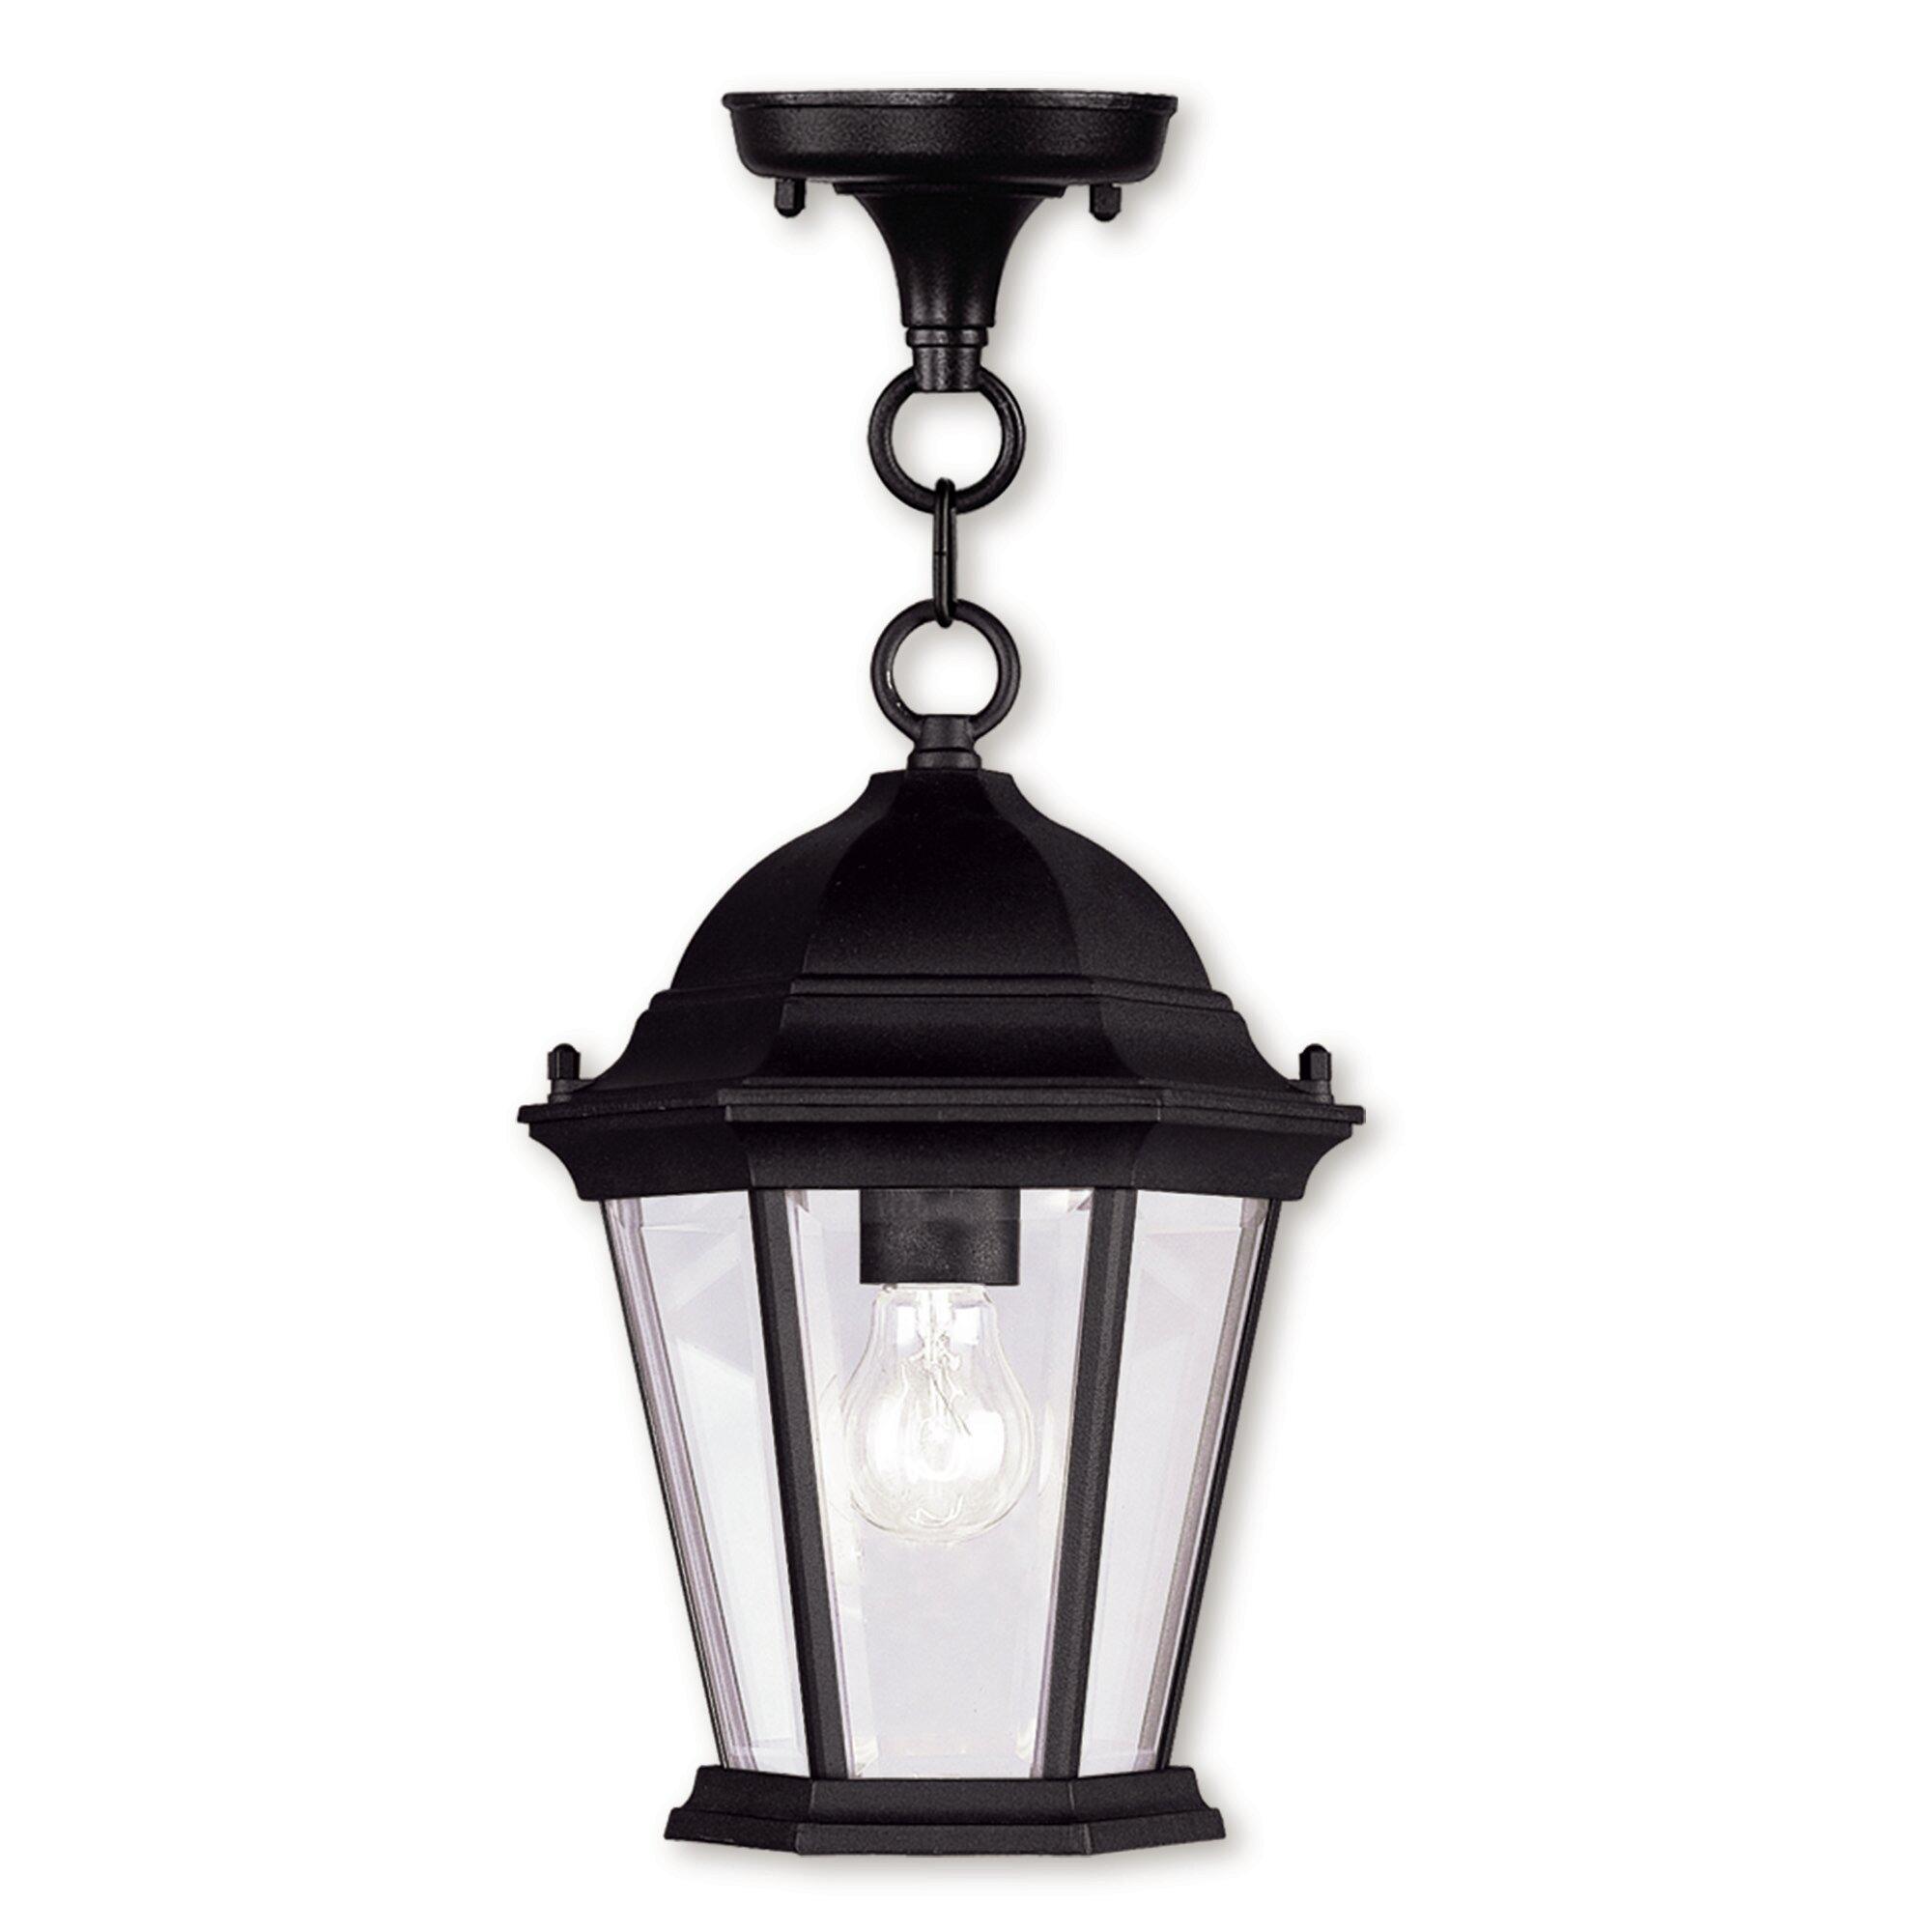 Charlton Home Gibbons 1 Light Outdoor Hanging Lantern Reviews Wayfair